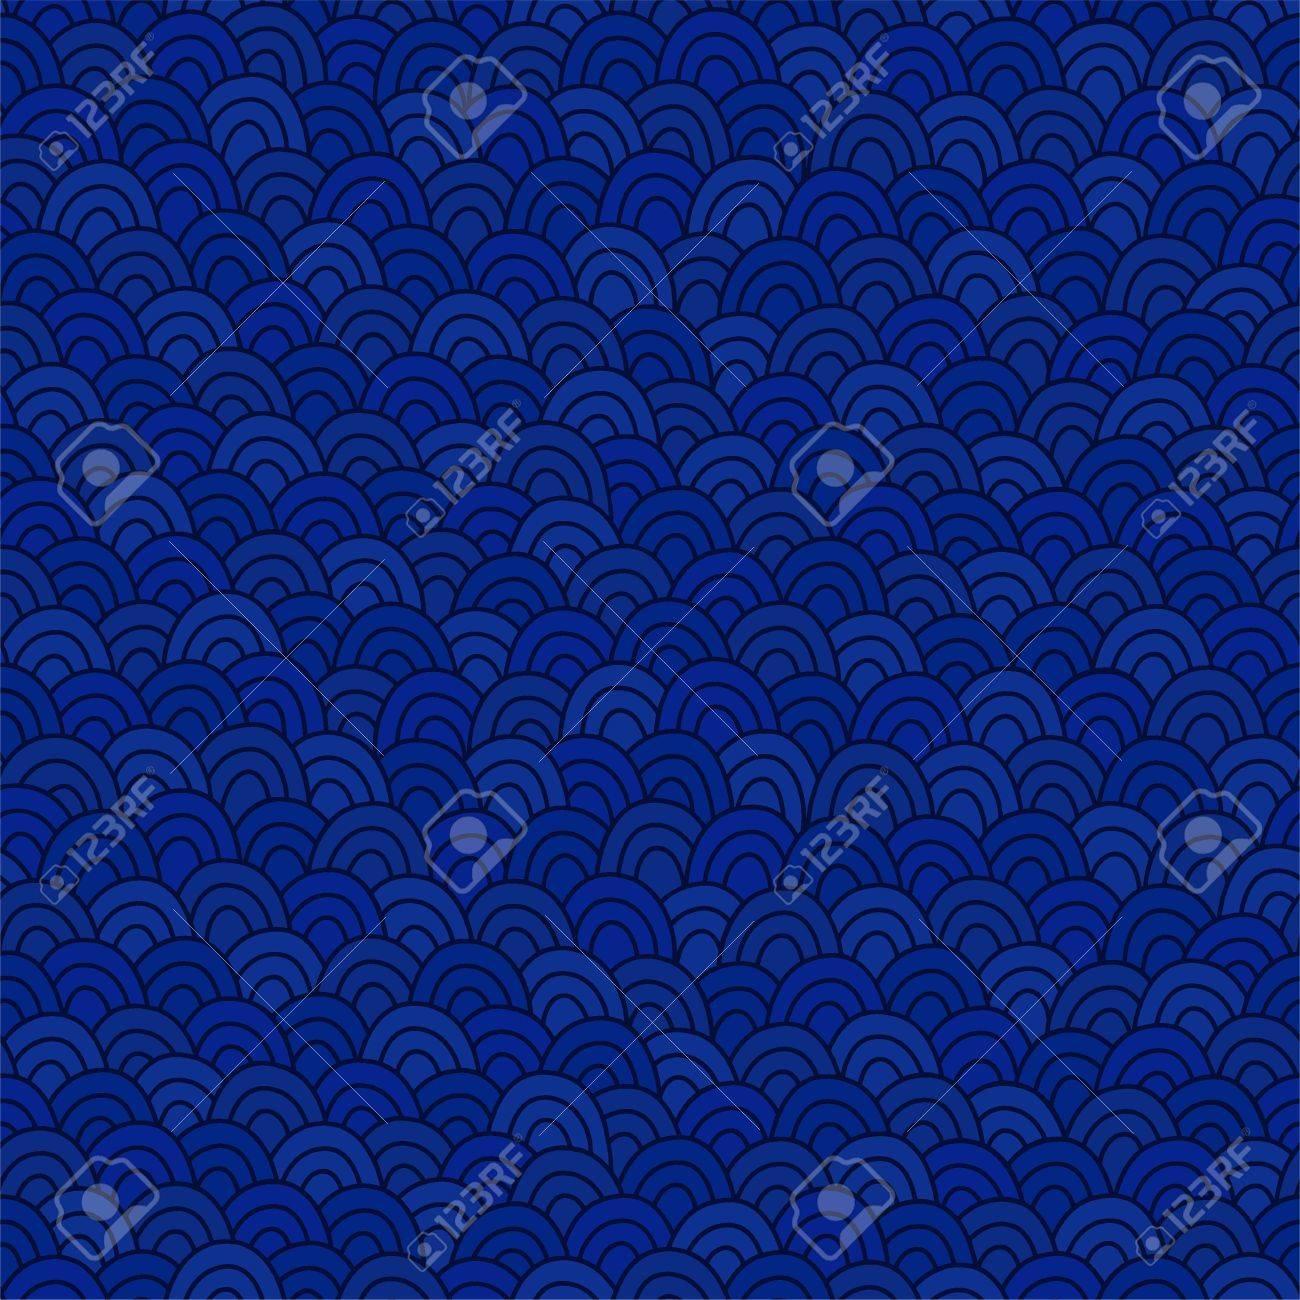 Vettoriale Modello Di Onde Di Mare Blu Profondo Doodle Sfondo